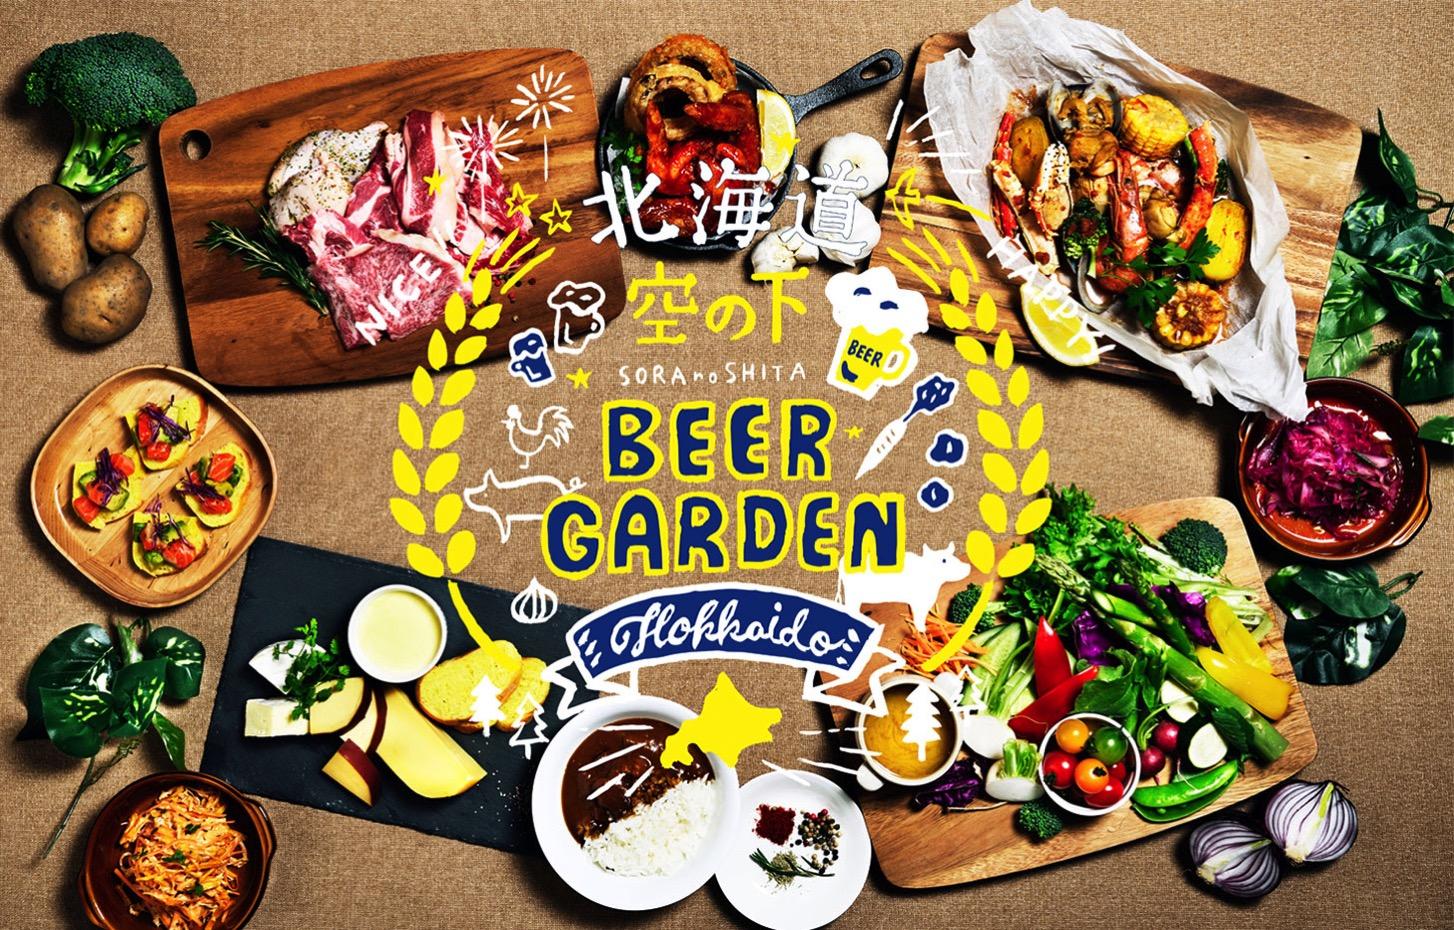 2019年 横浜ベイクォーター「北海道 空の下ビアガーデン」を5月24日より開催!